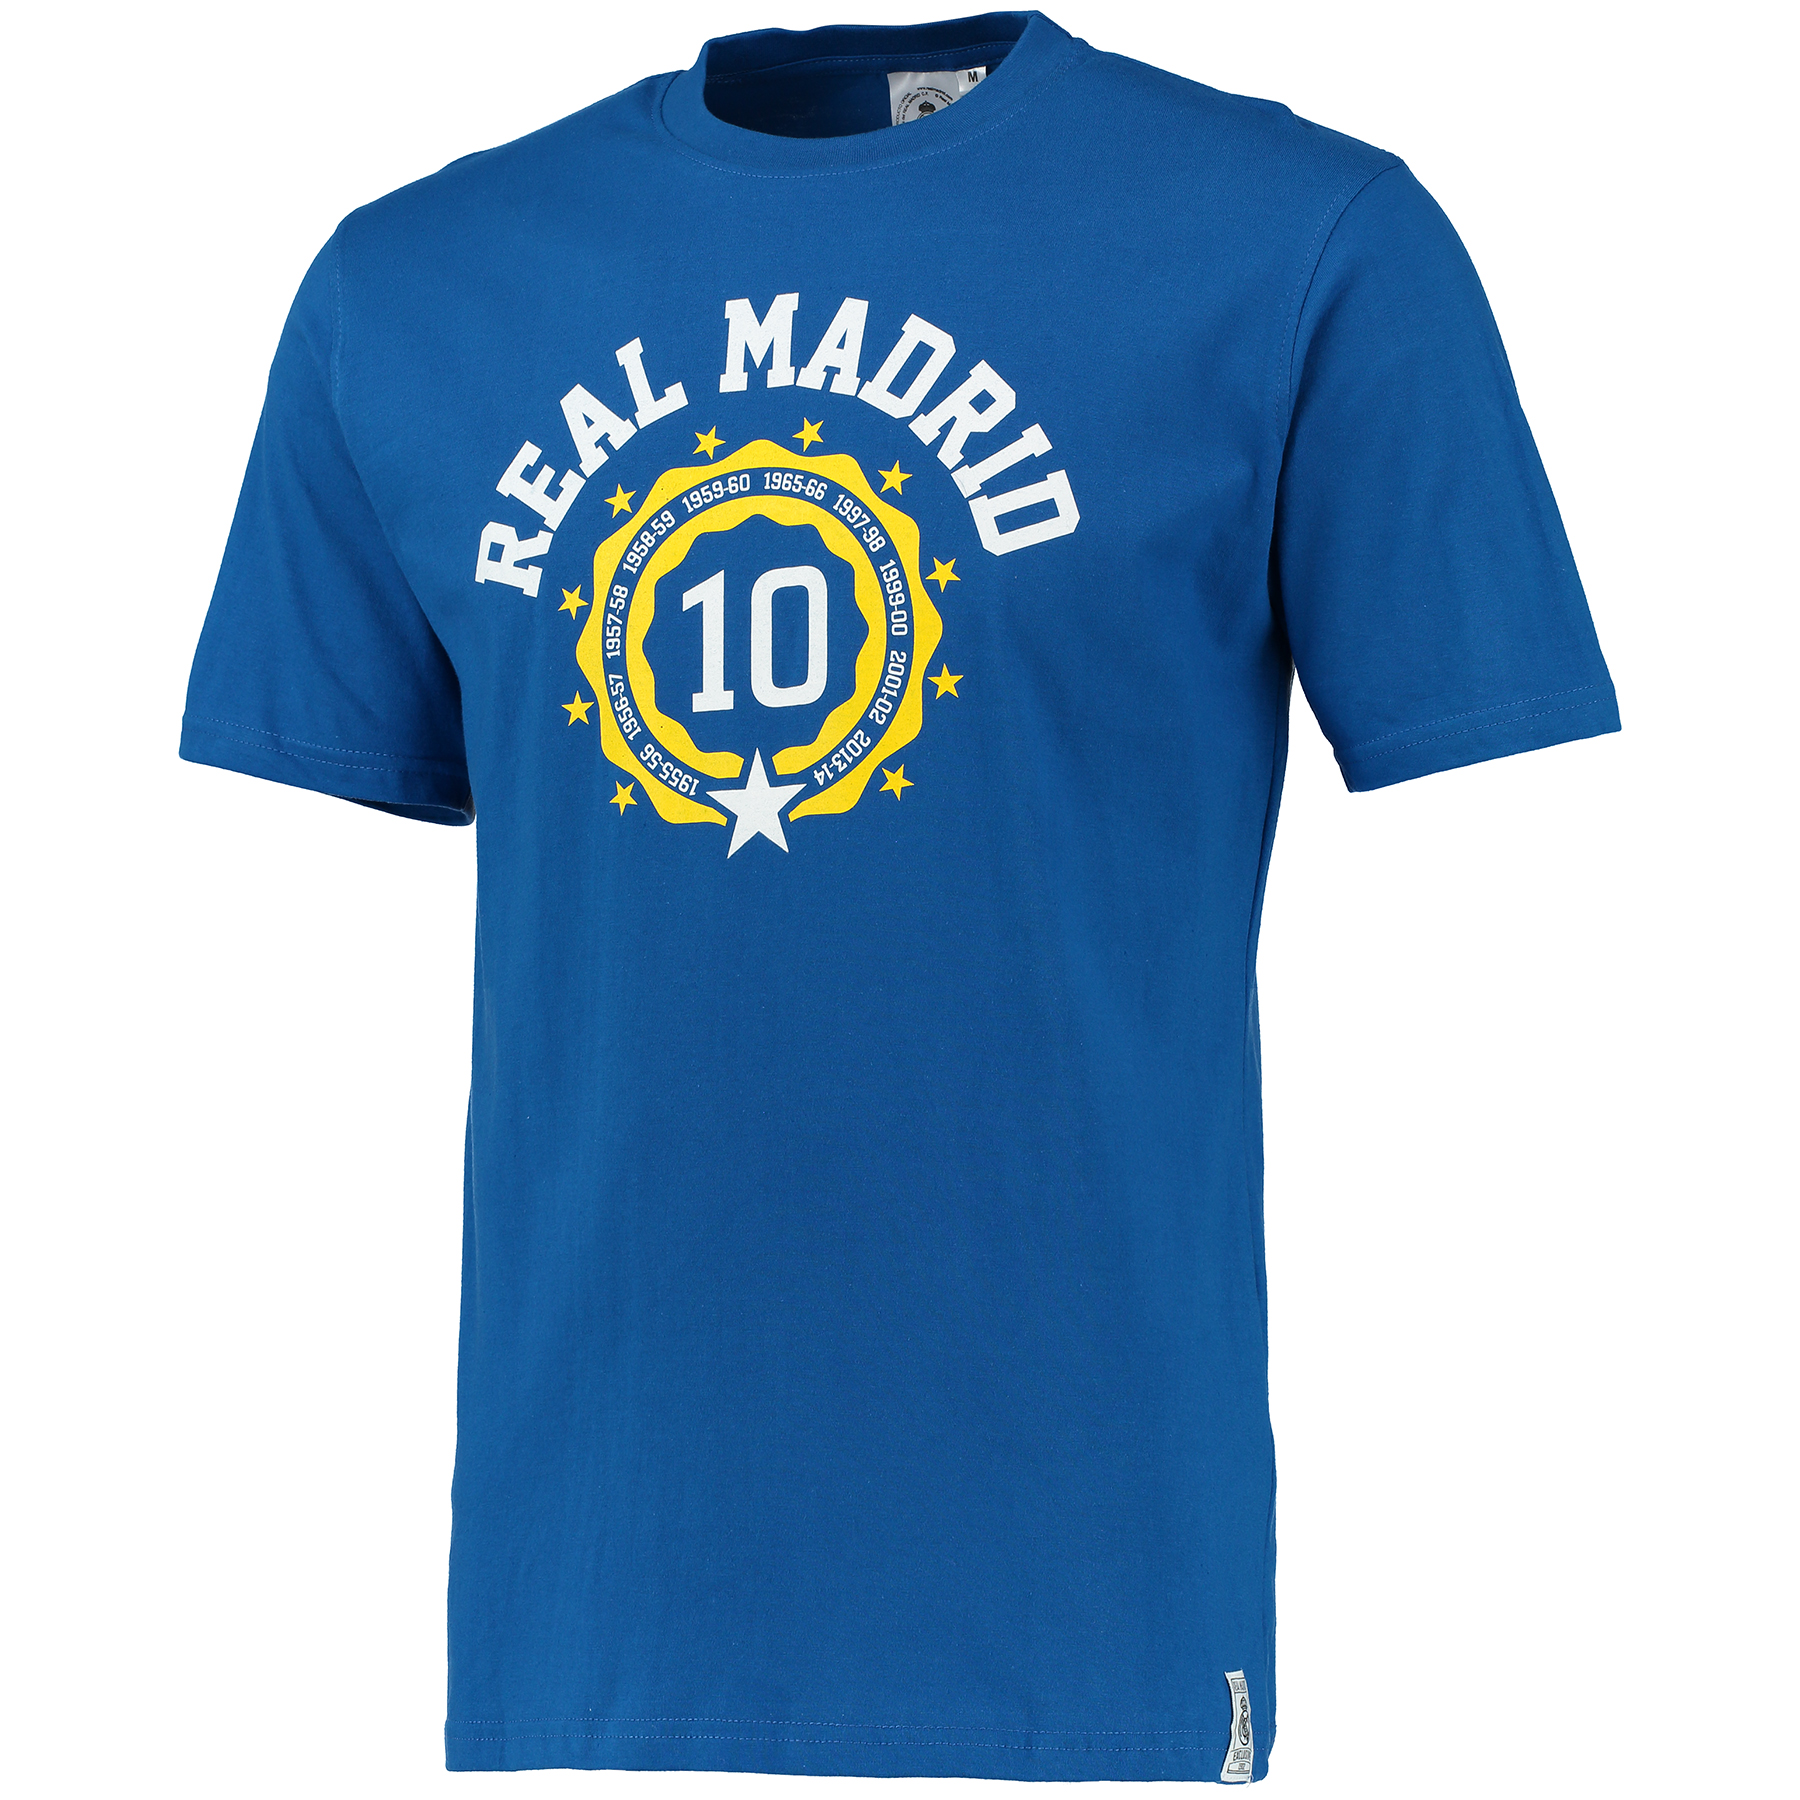 Camiseta Impresi�n Real Madrid- Hombre - Azul